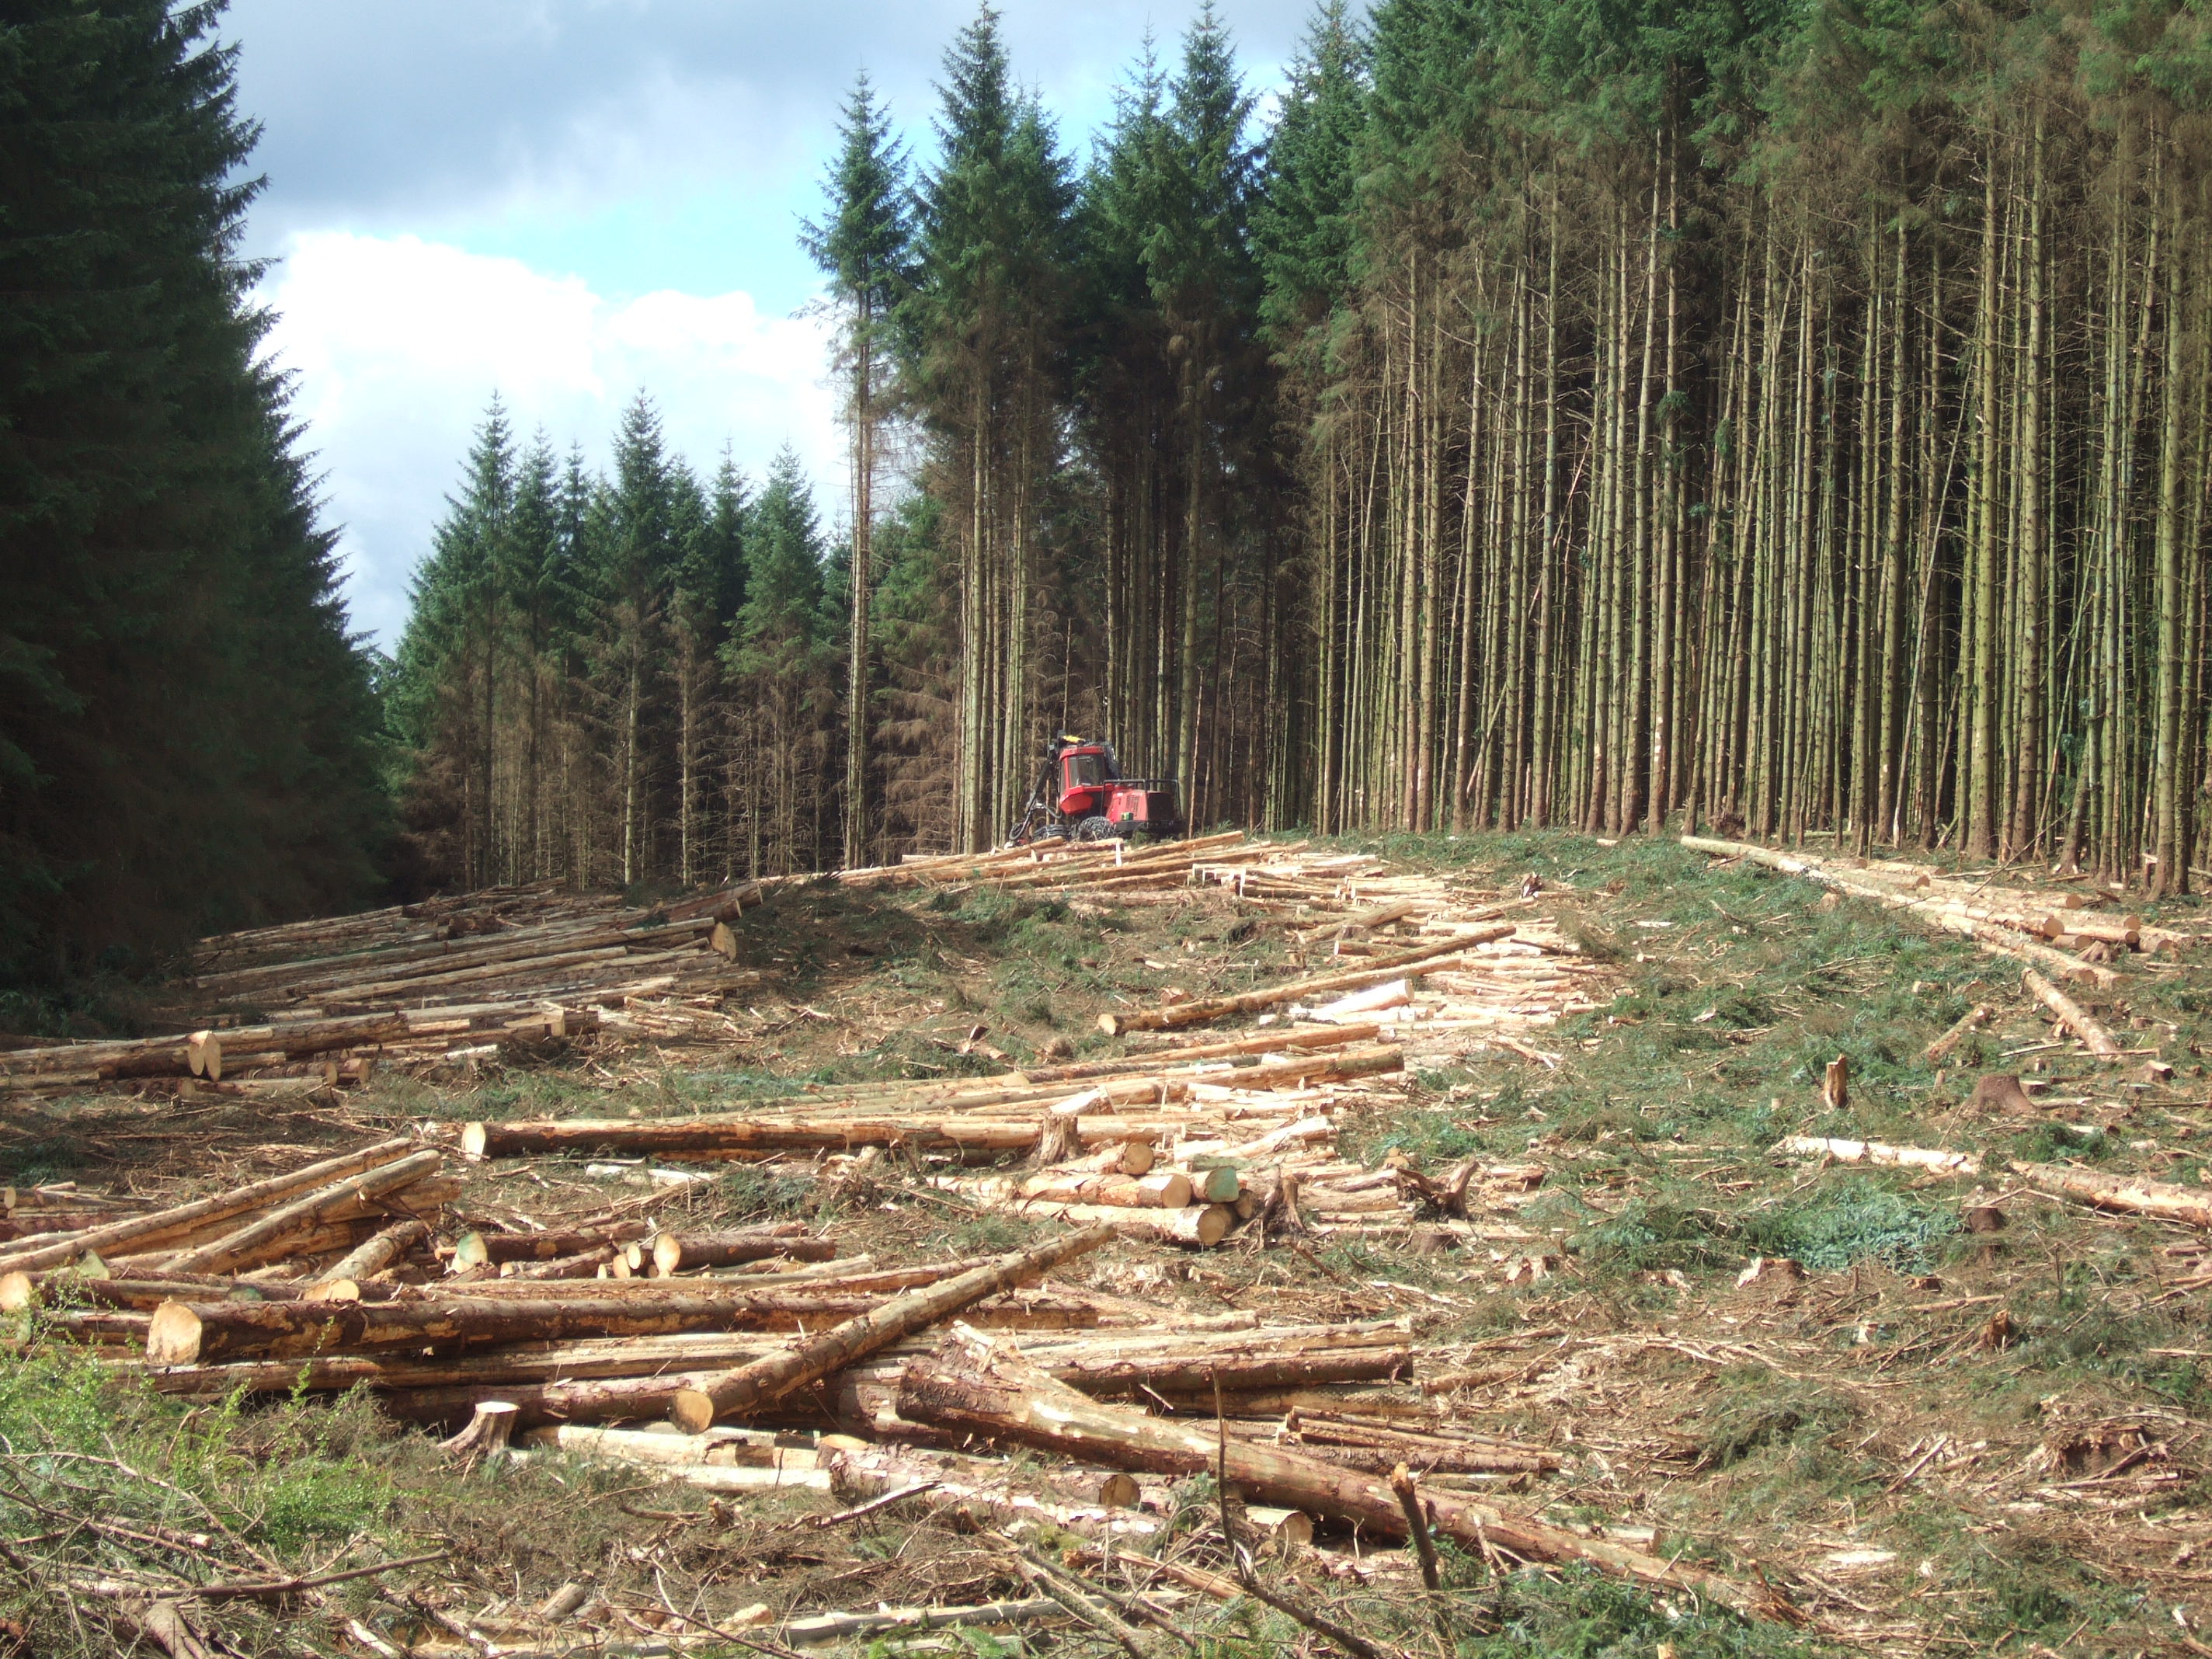 Évekig tartott, mire az állam rájött, hogyan lopják szét az állami erdőtársaságokat